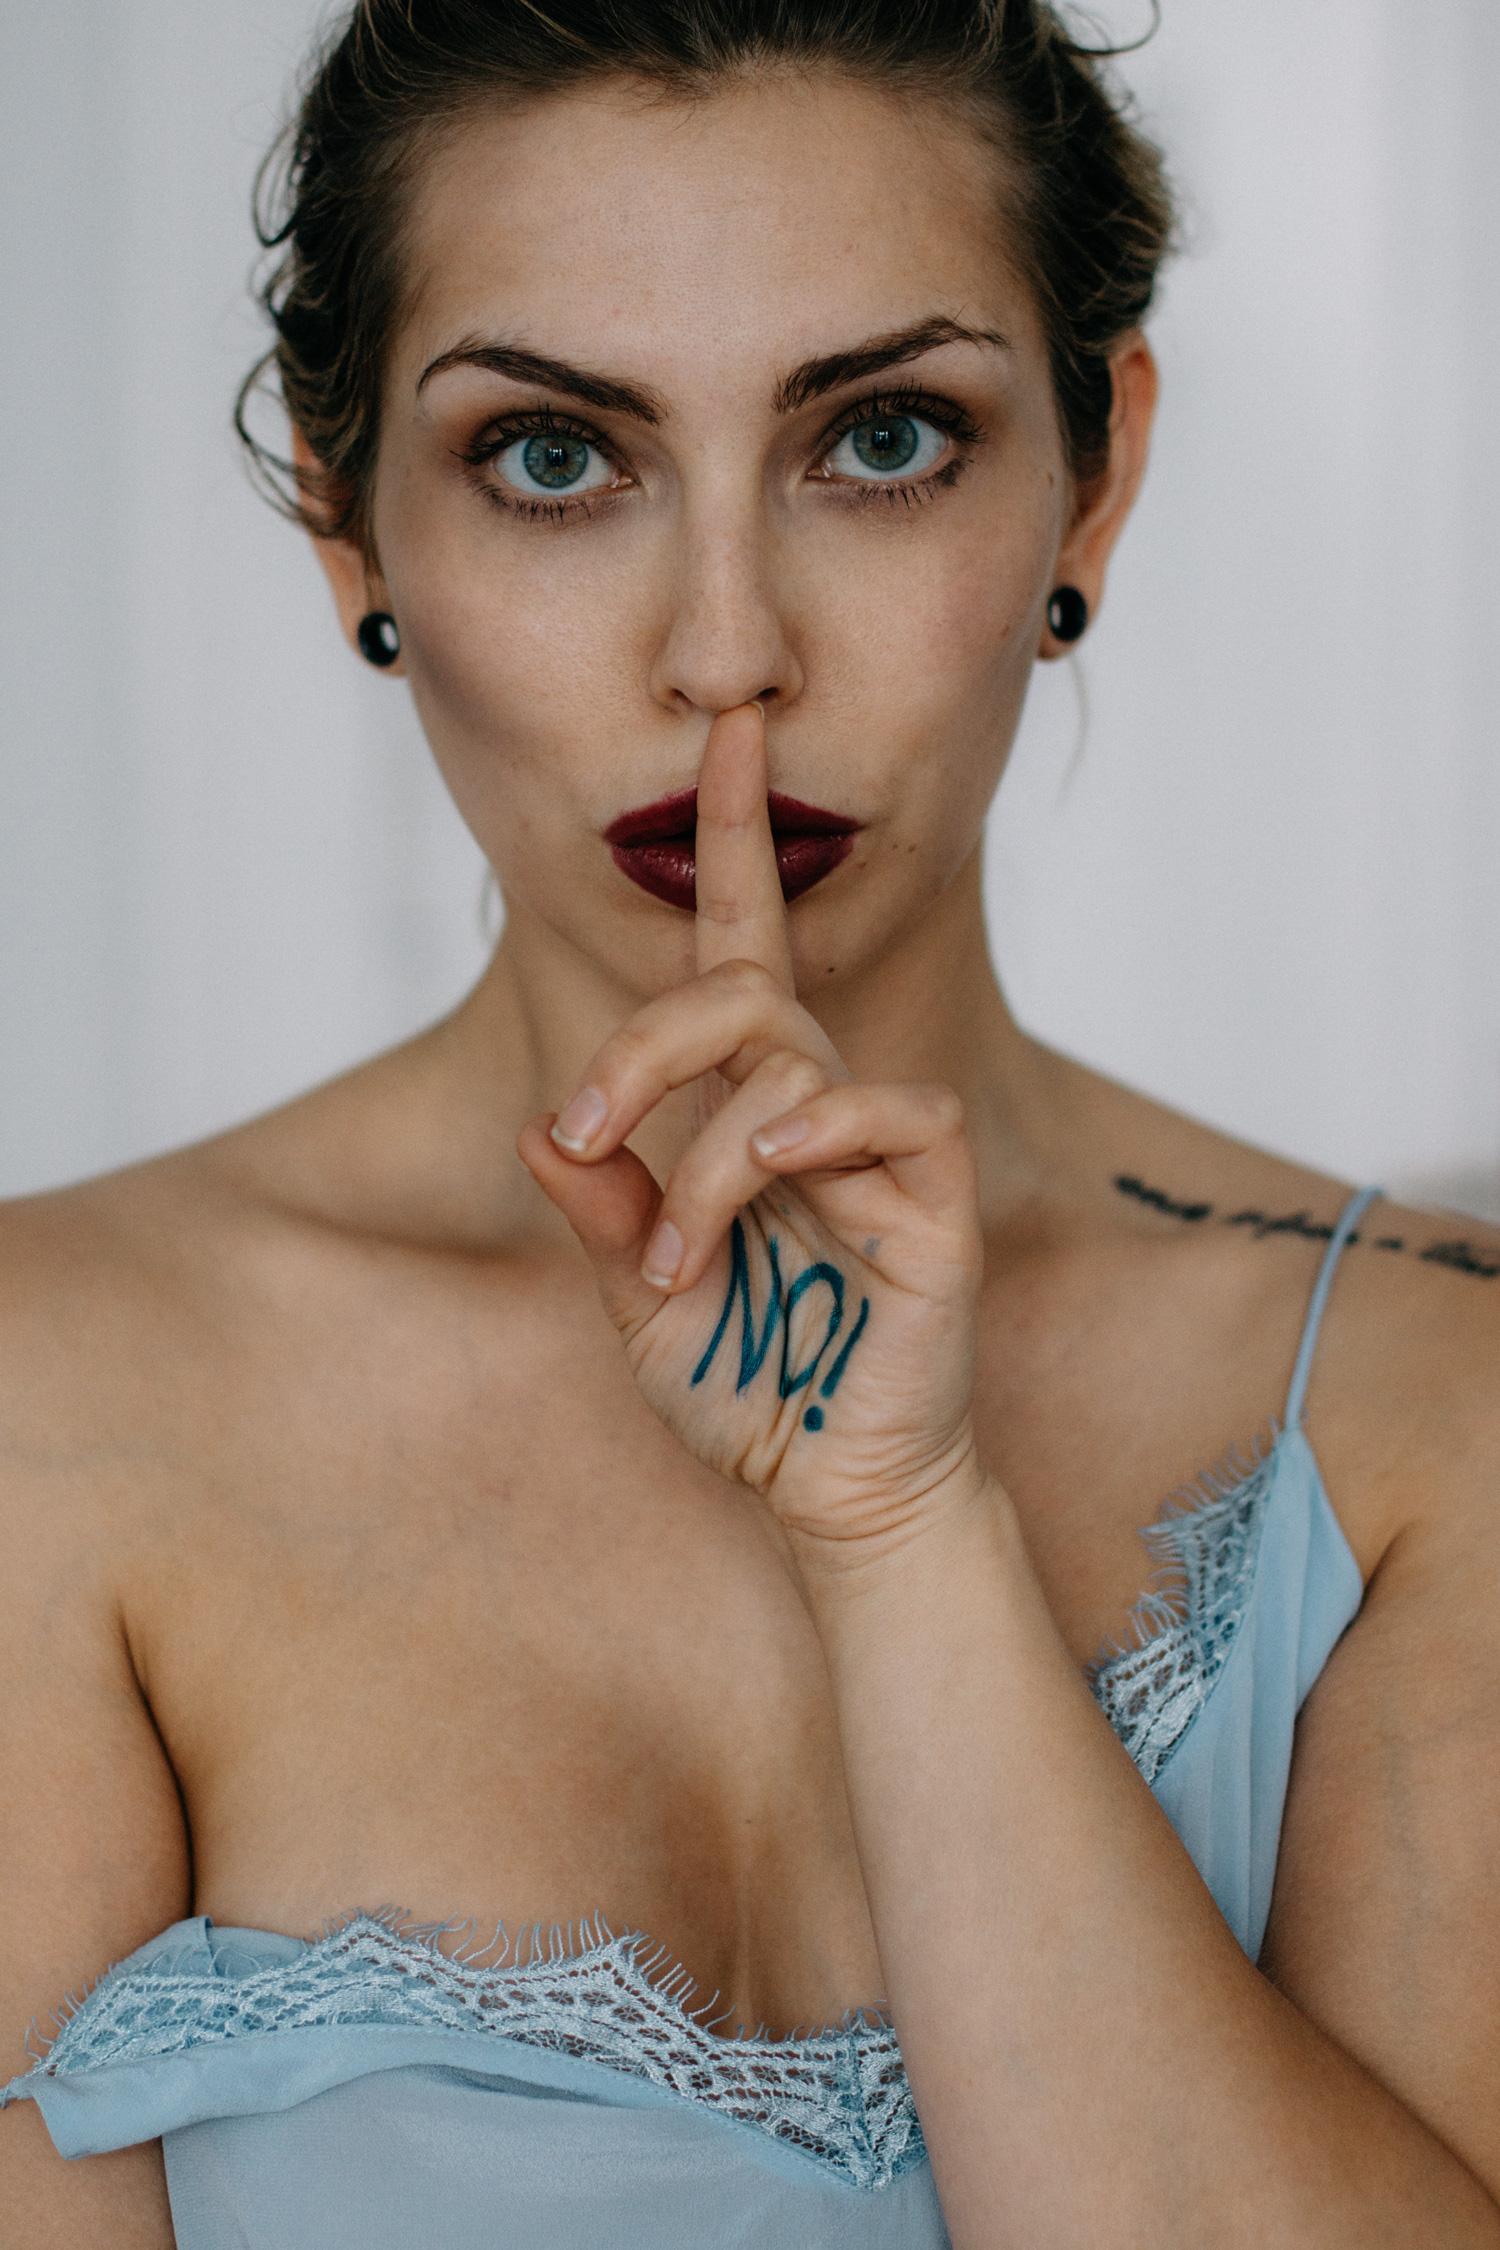 Nein heisst nein! | No means no! | Sonntagspost | find more pictures on my blog | Gina Lisa Lohfink Prozess | Vergewaltigung | sexualstrafrecht Reform |